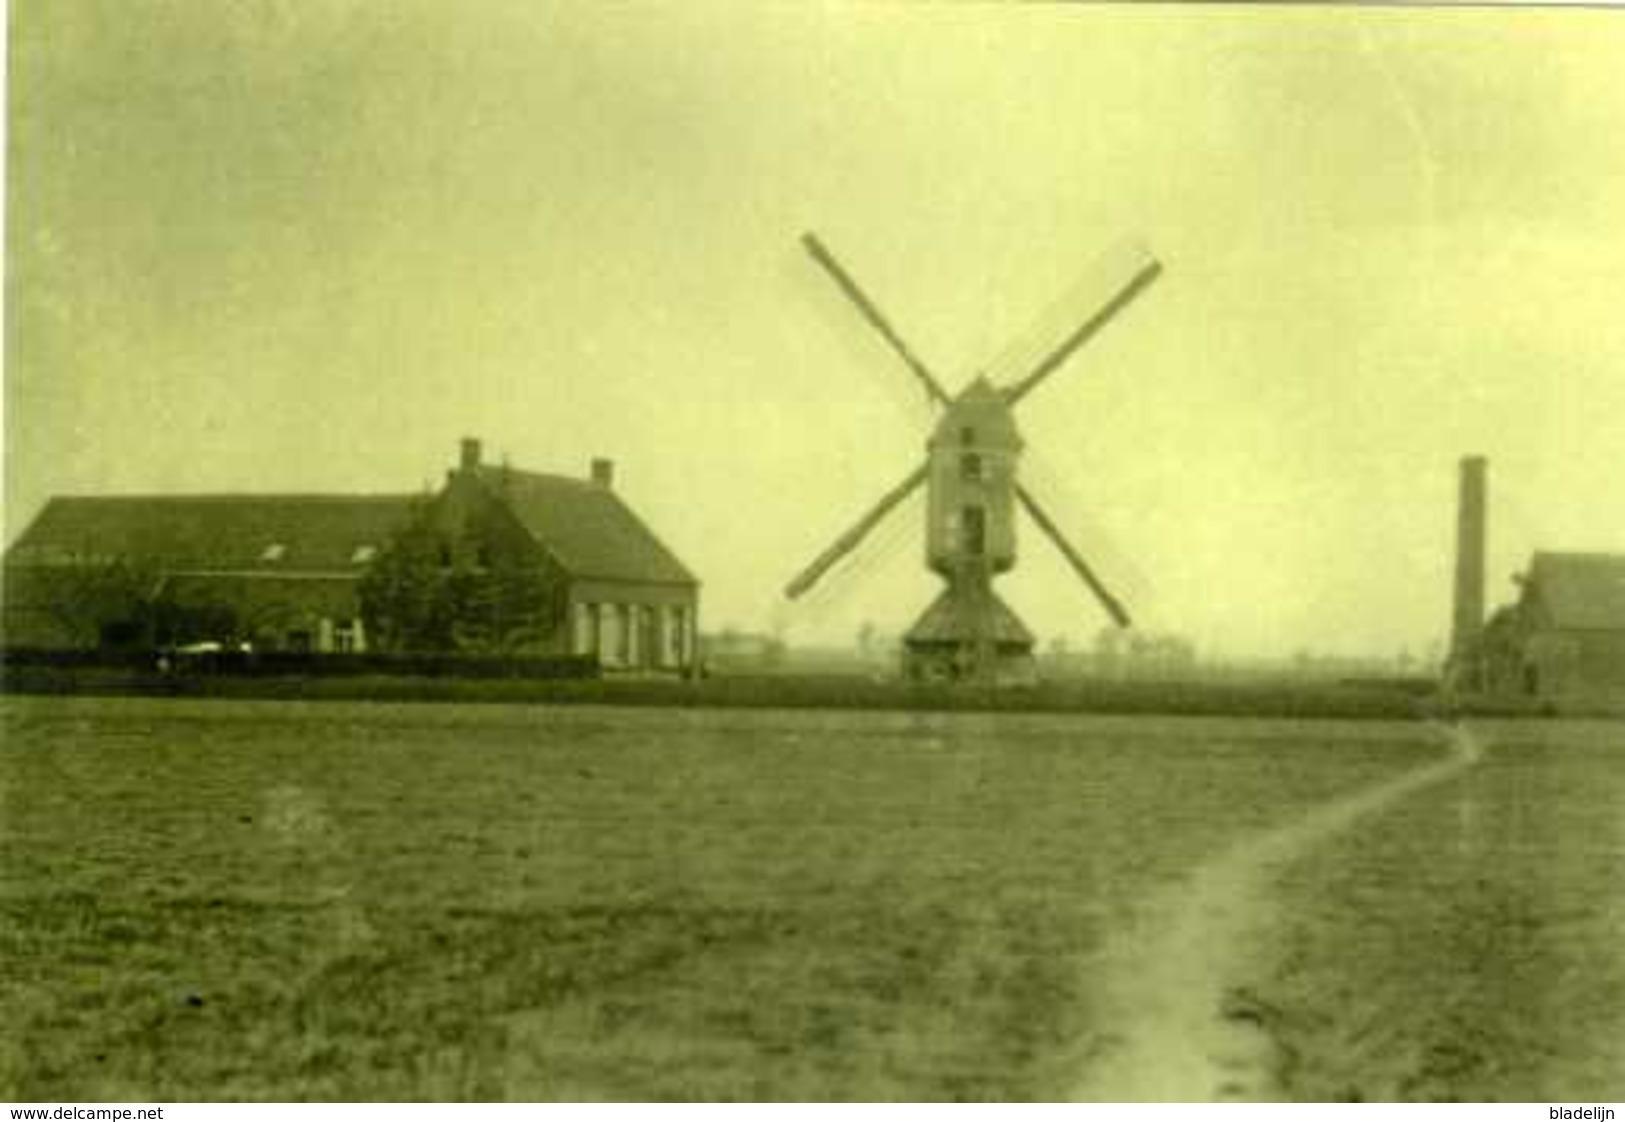 RIJKEVORSEL (Antwerpen) - Molen/moulin - Zeldzame Oude Opname Van De Verdwenen Staakmolen En Stoommaalderij Ca. 1930 - Rijkevorsel